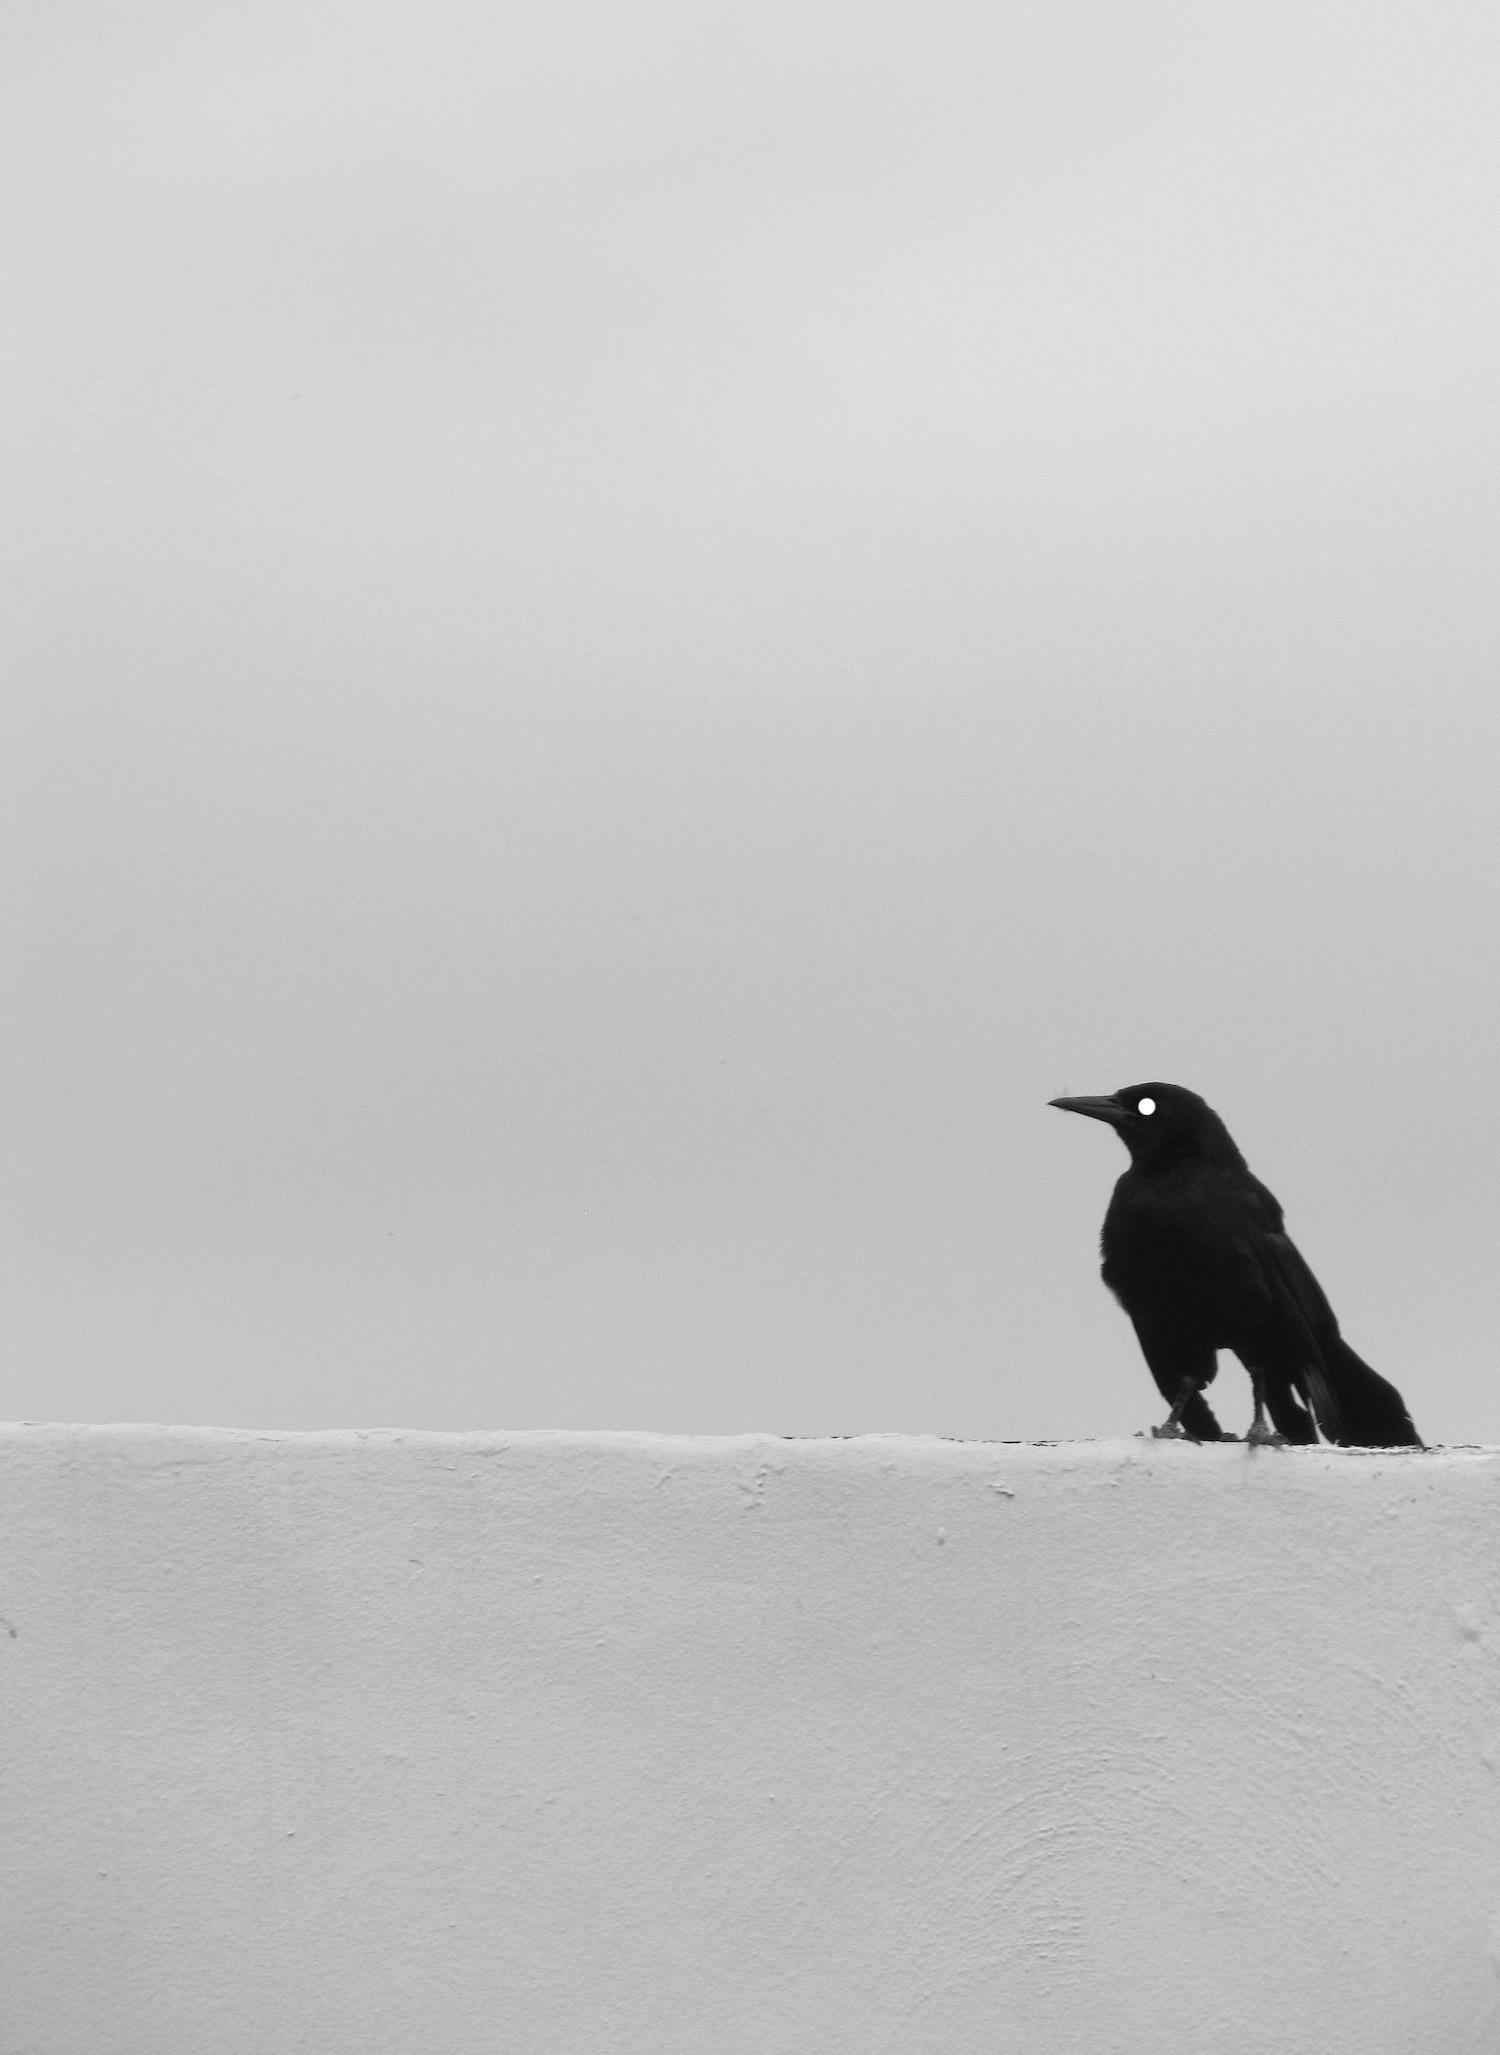 BlackBirdOnLedge